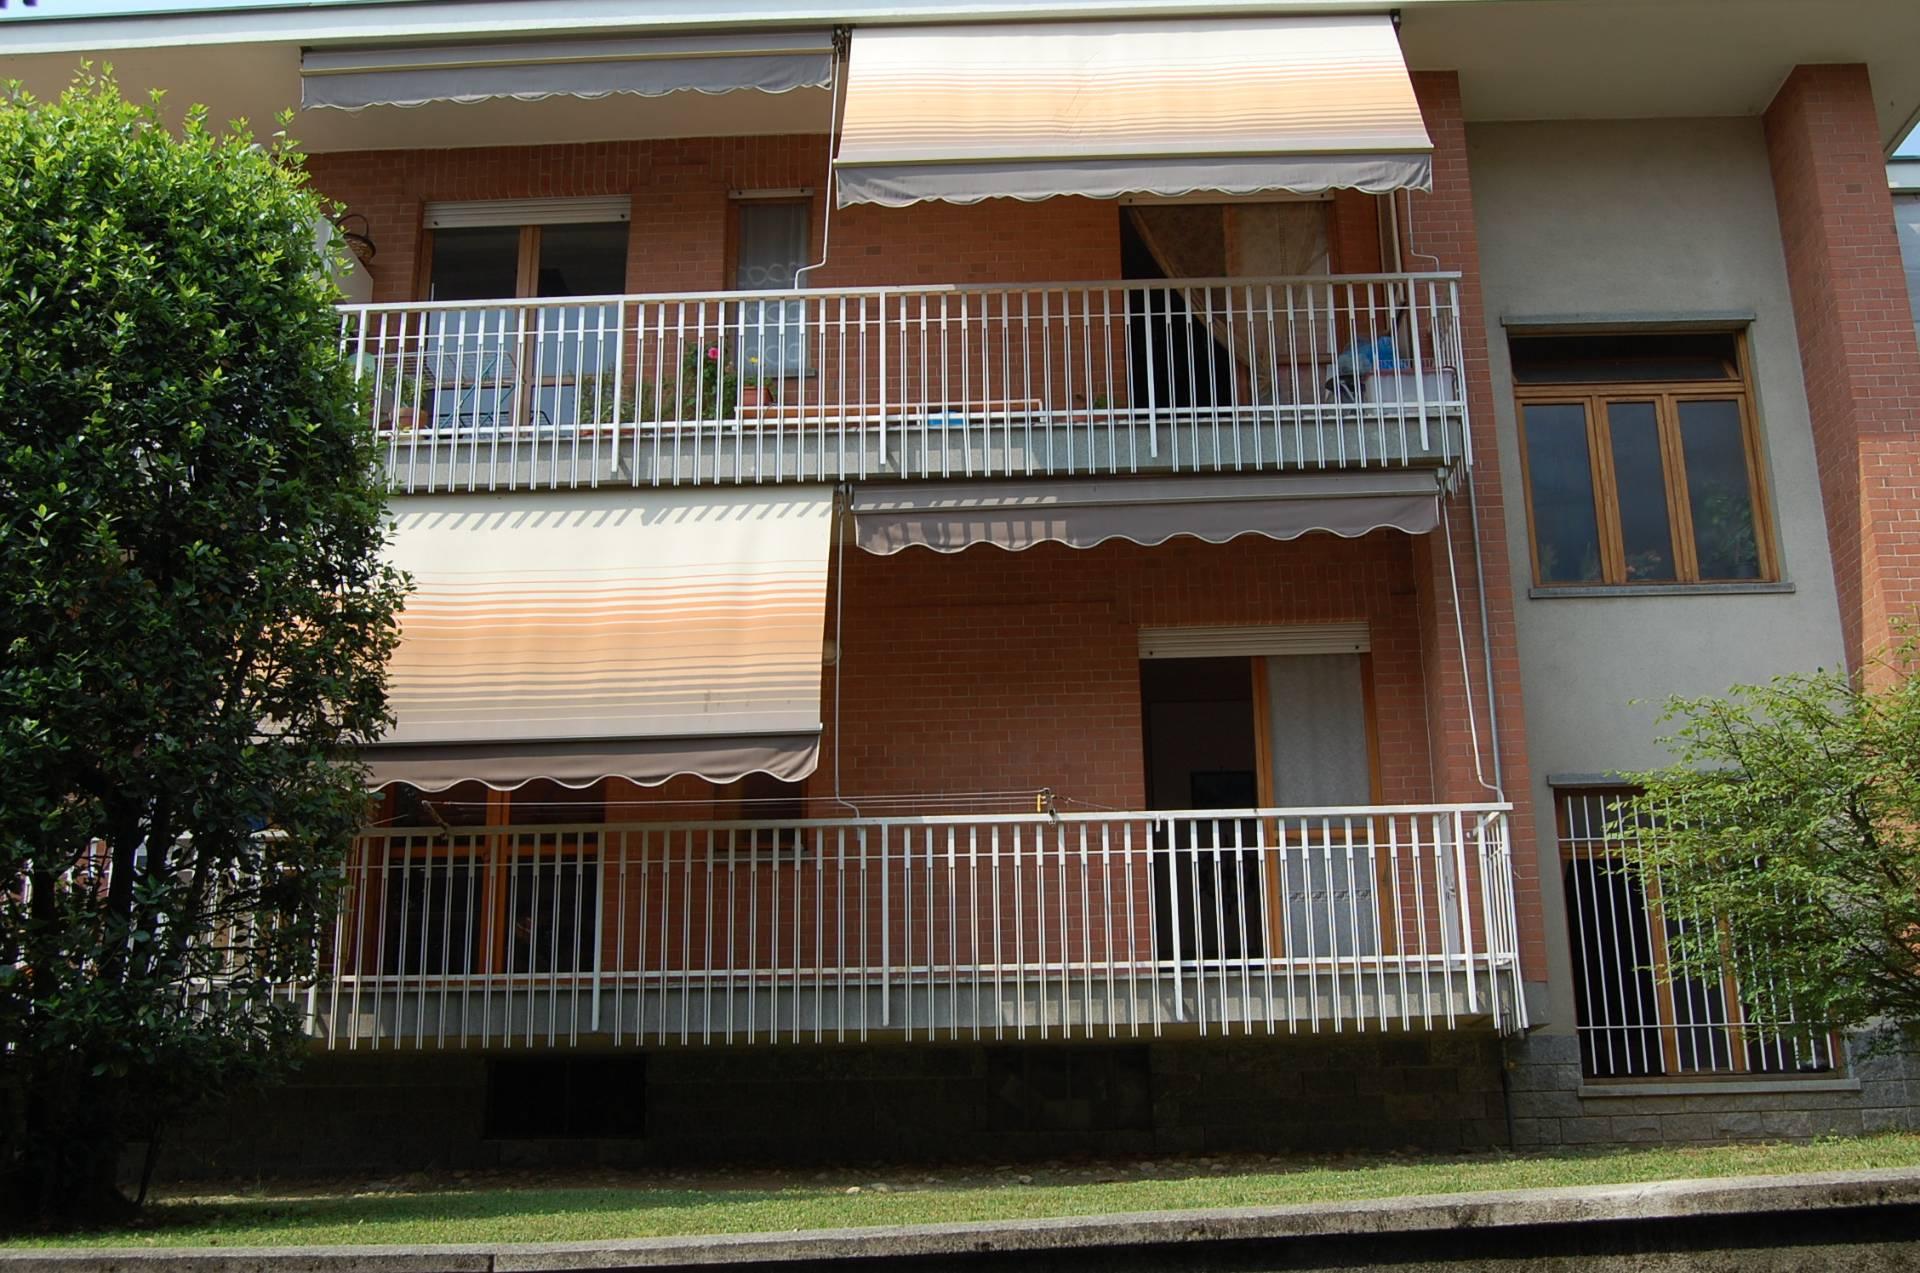 Appartamento in vendita a Lanzo Torinese, 2 locali, zona Località: Semicentrale, prezzo € 48.000   PortaleAgenzieImmobiliari.it